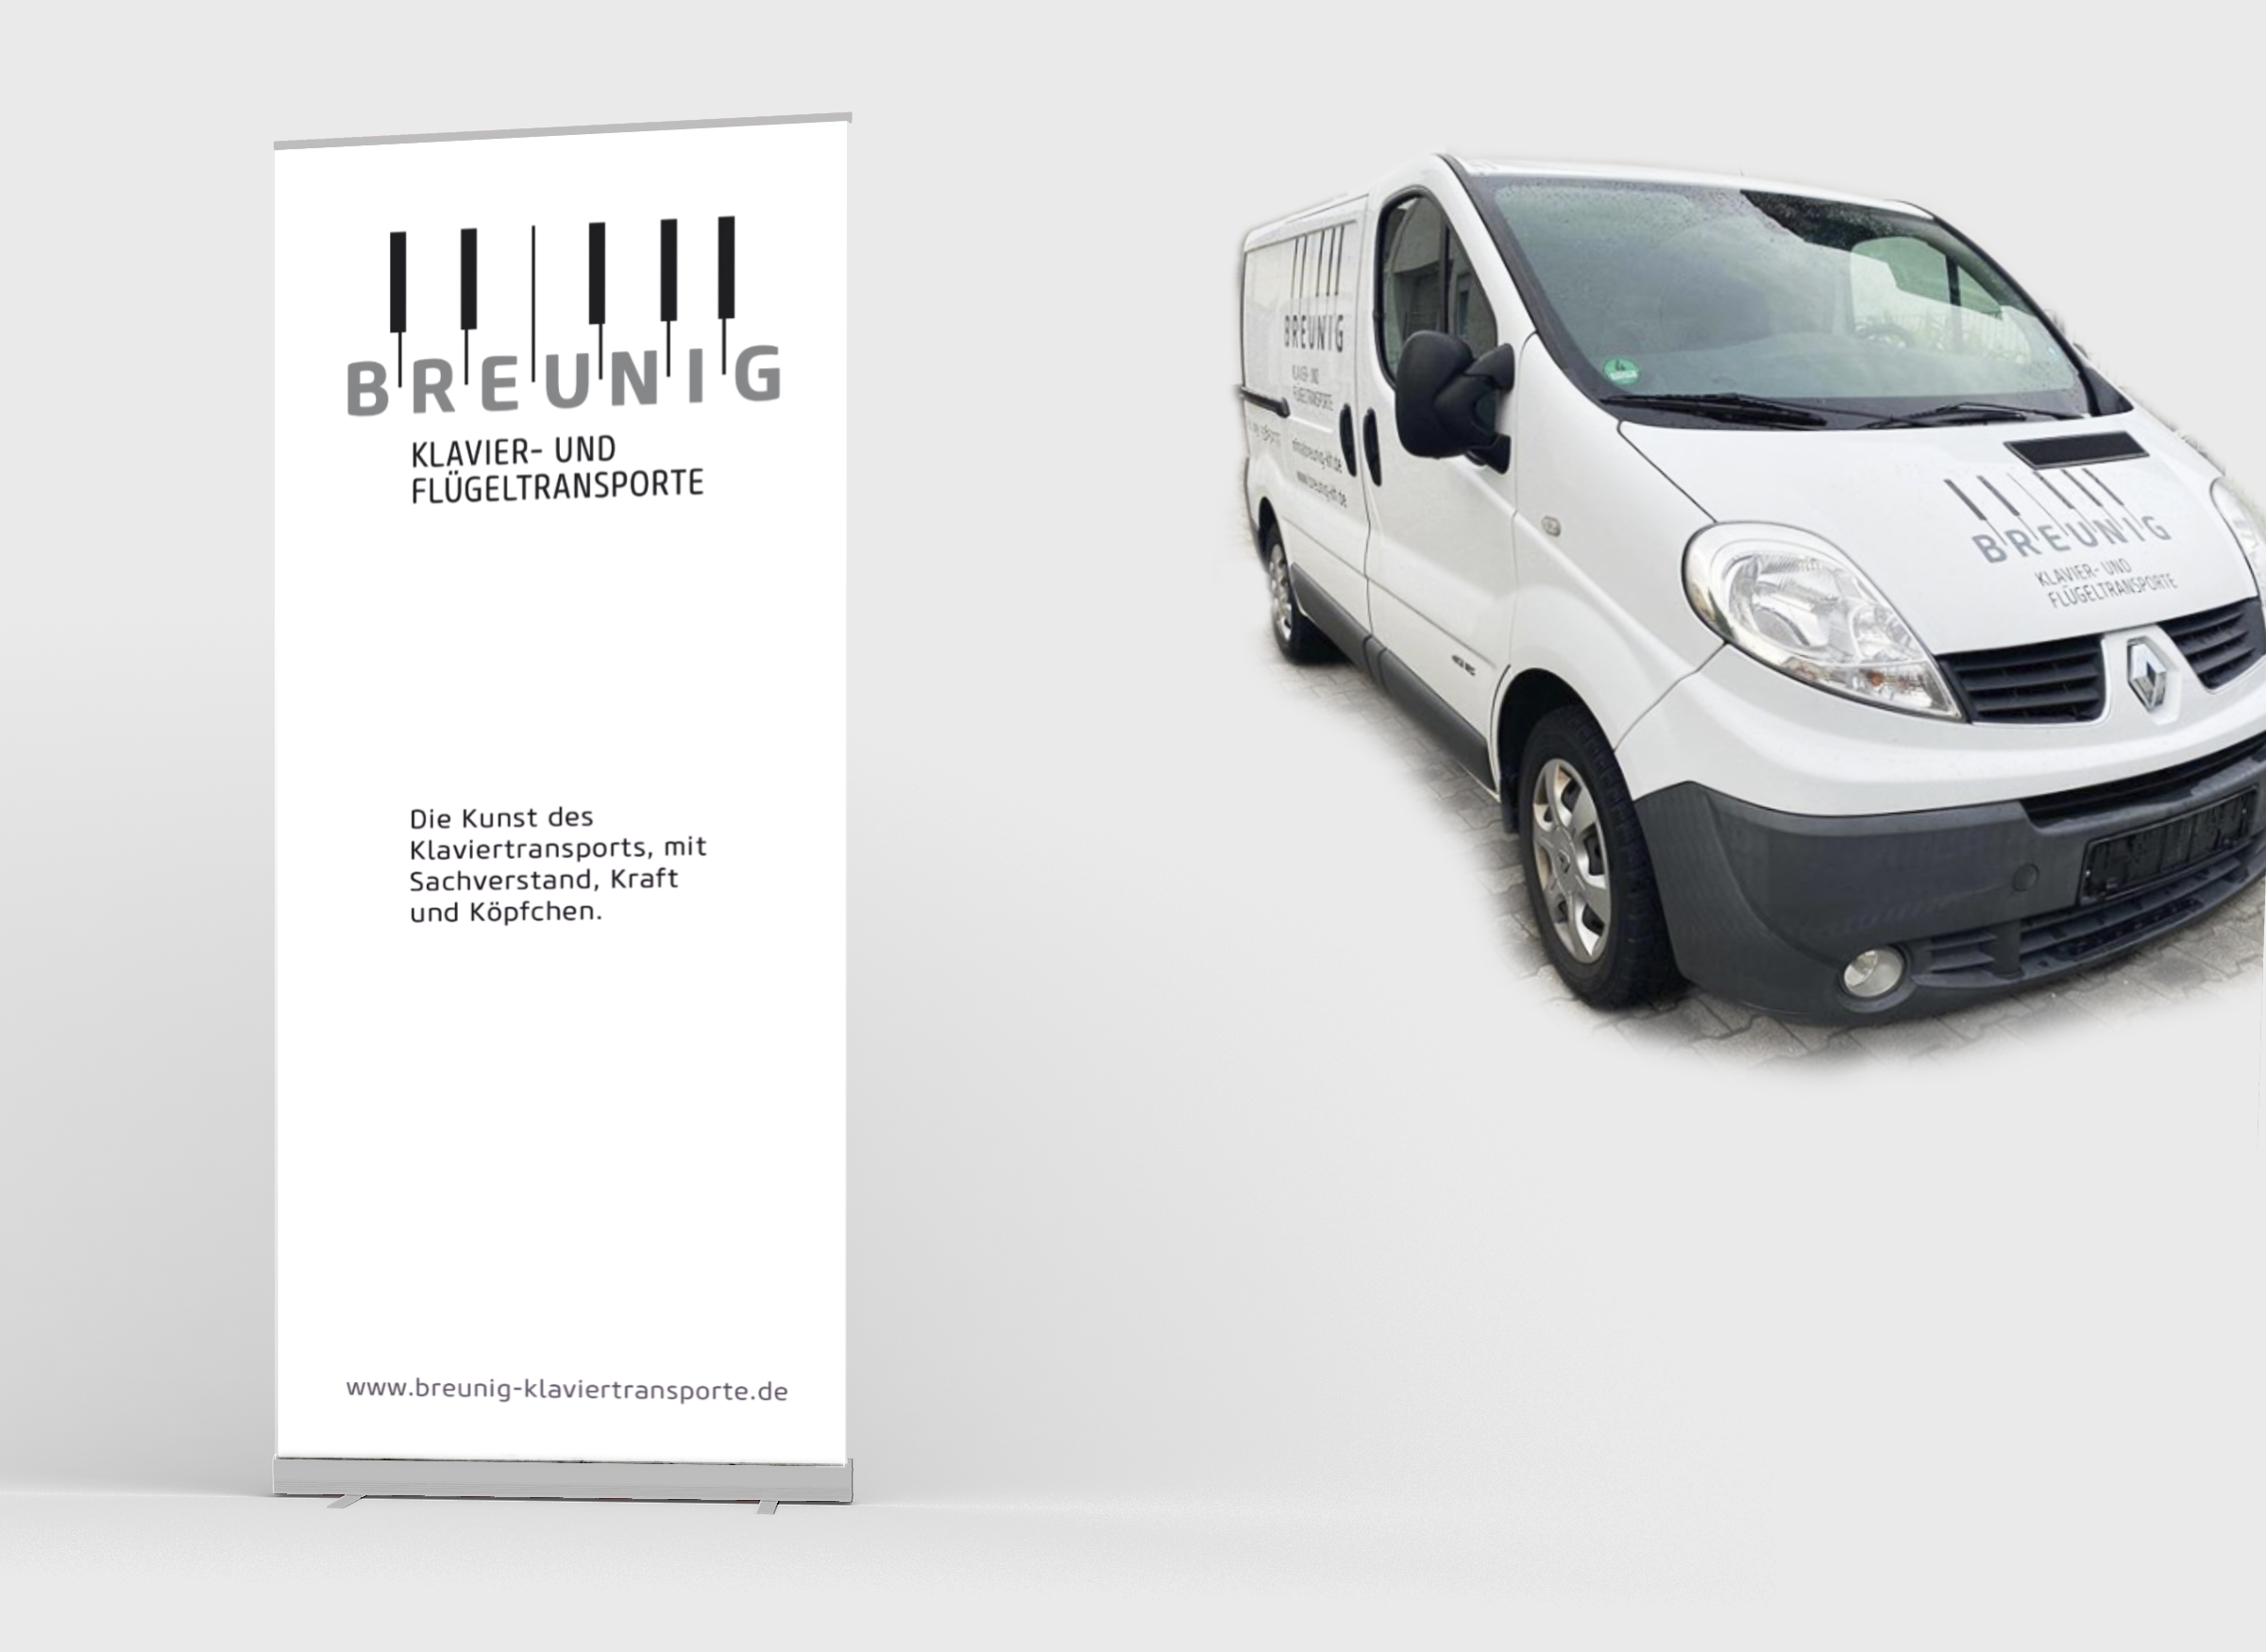 Roll-Up und Transportwagen